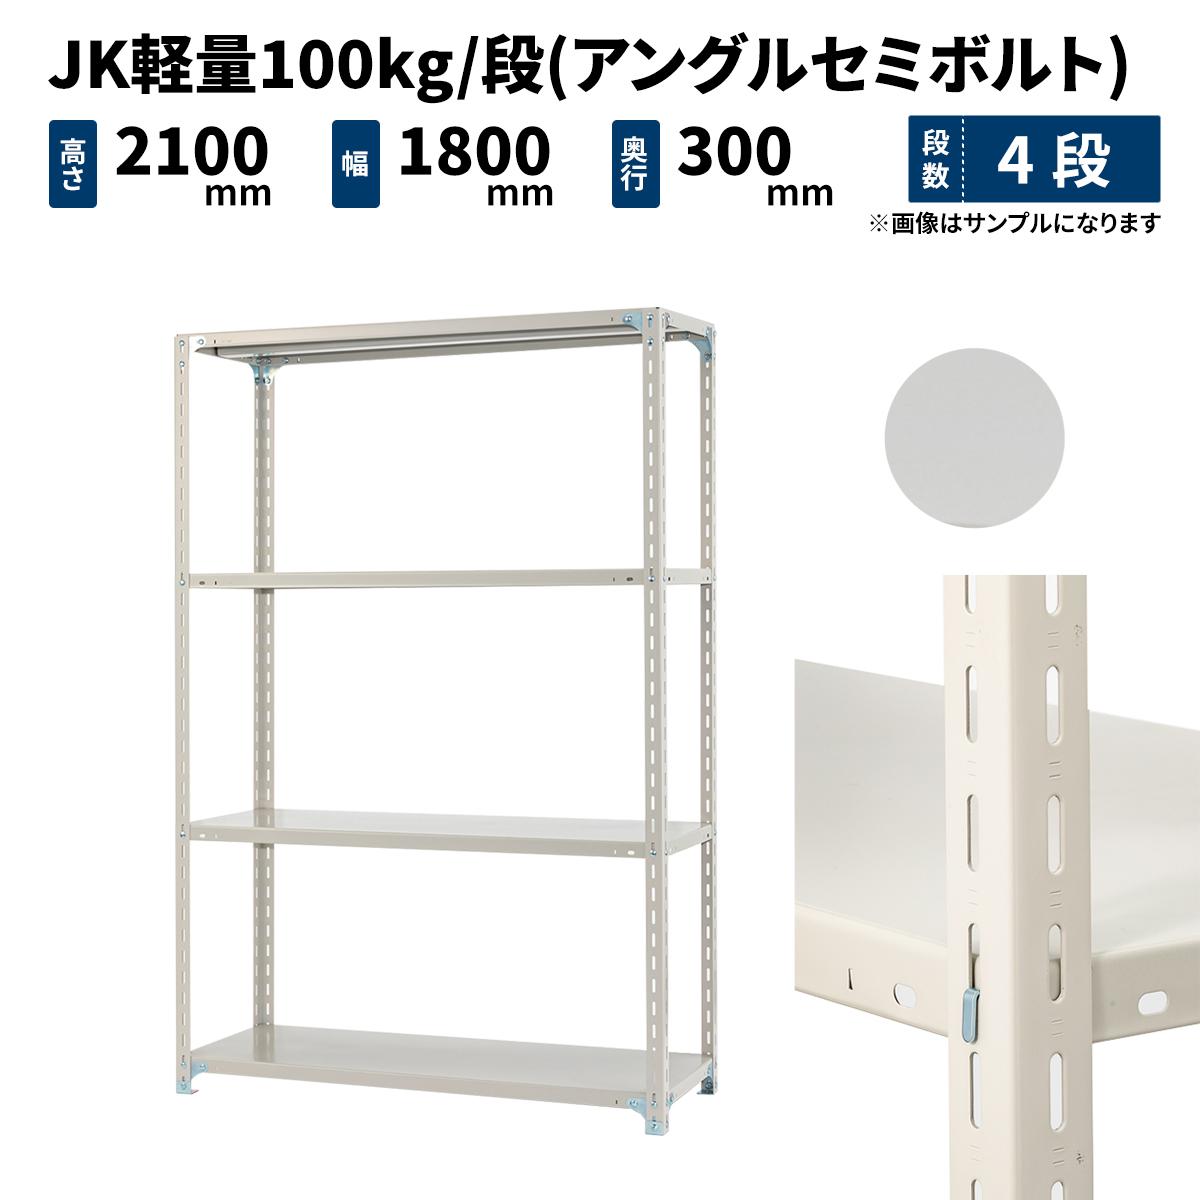 スチールラック 業務用 JK軽量100kg/段(アングルセミボルト) 高さ2100×幅1800×奥行300mm 4段 ホワイトグレー (40kg) JK100ST-211803-4